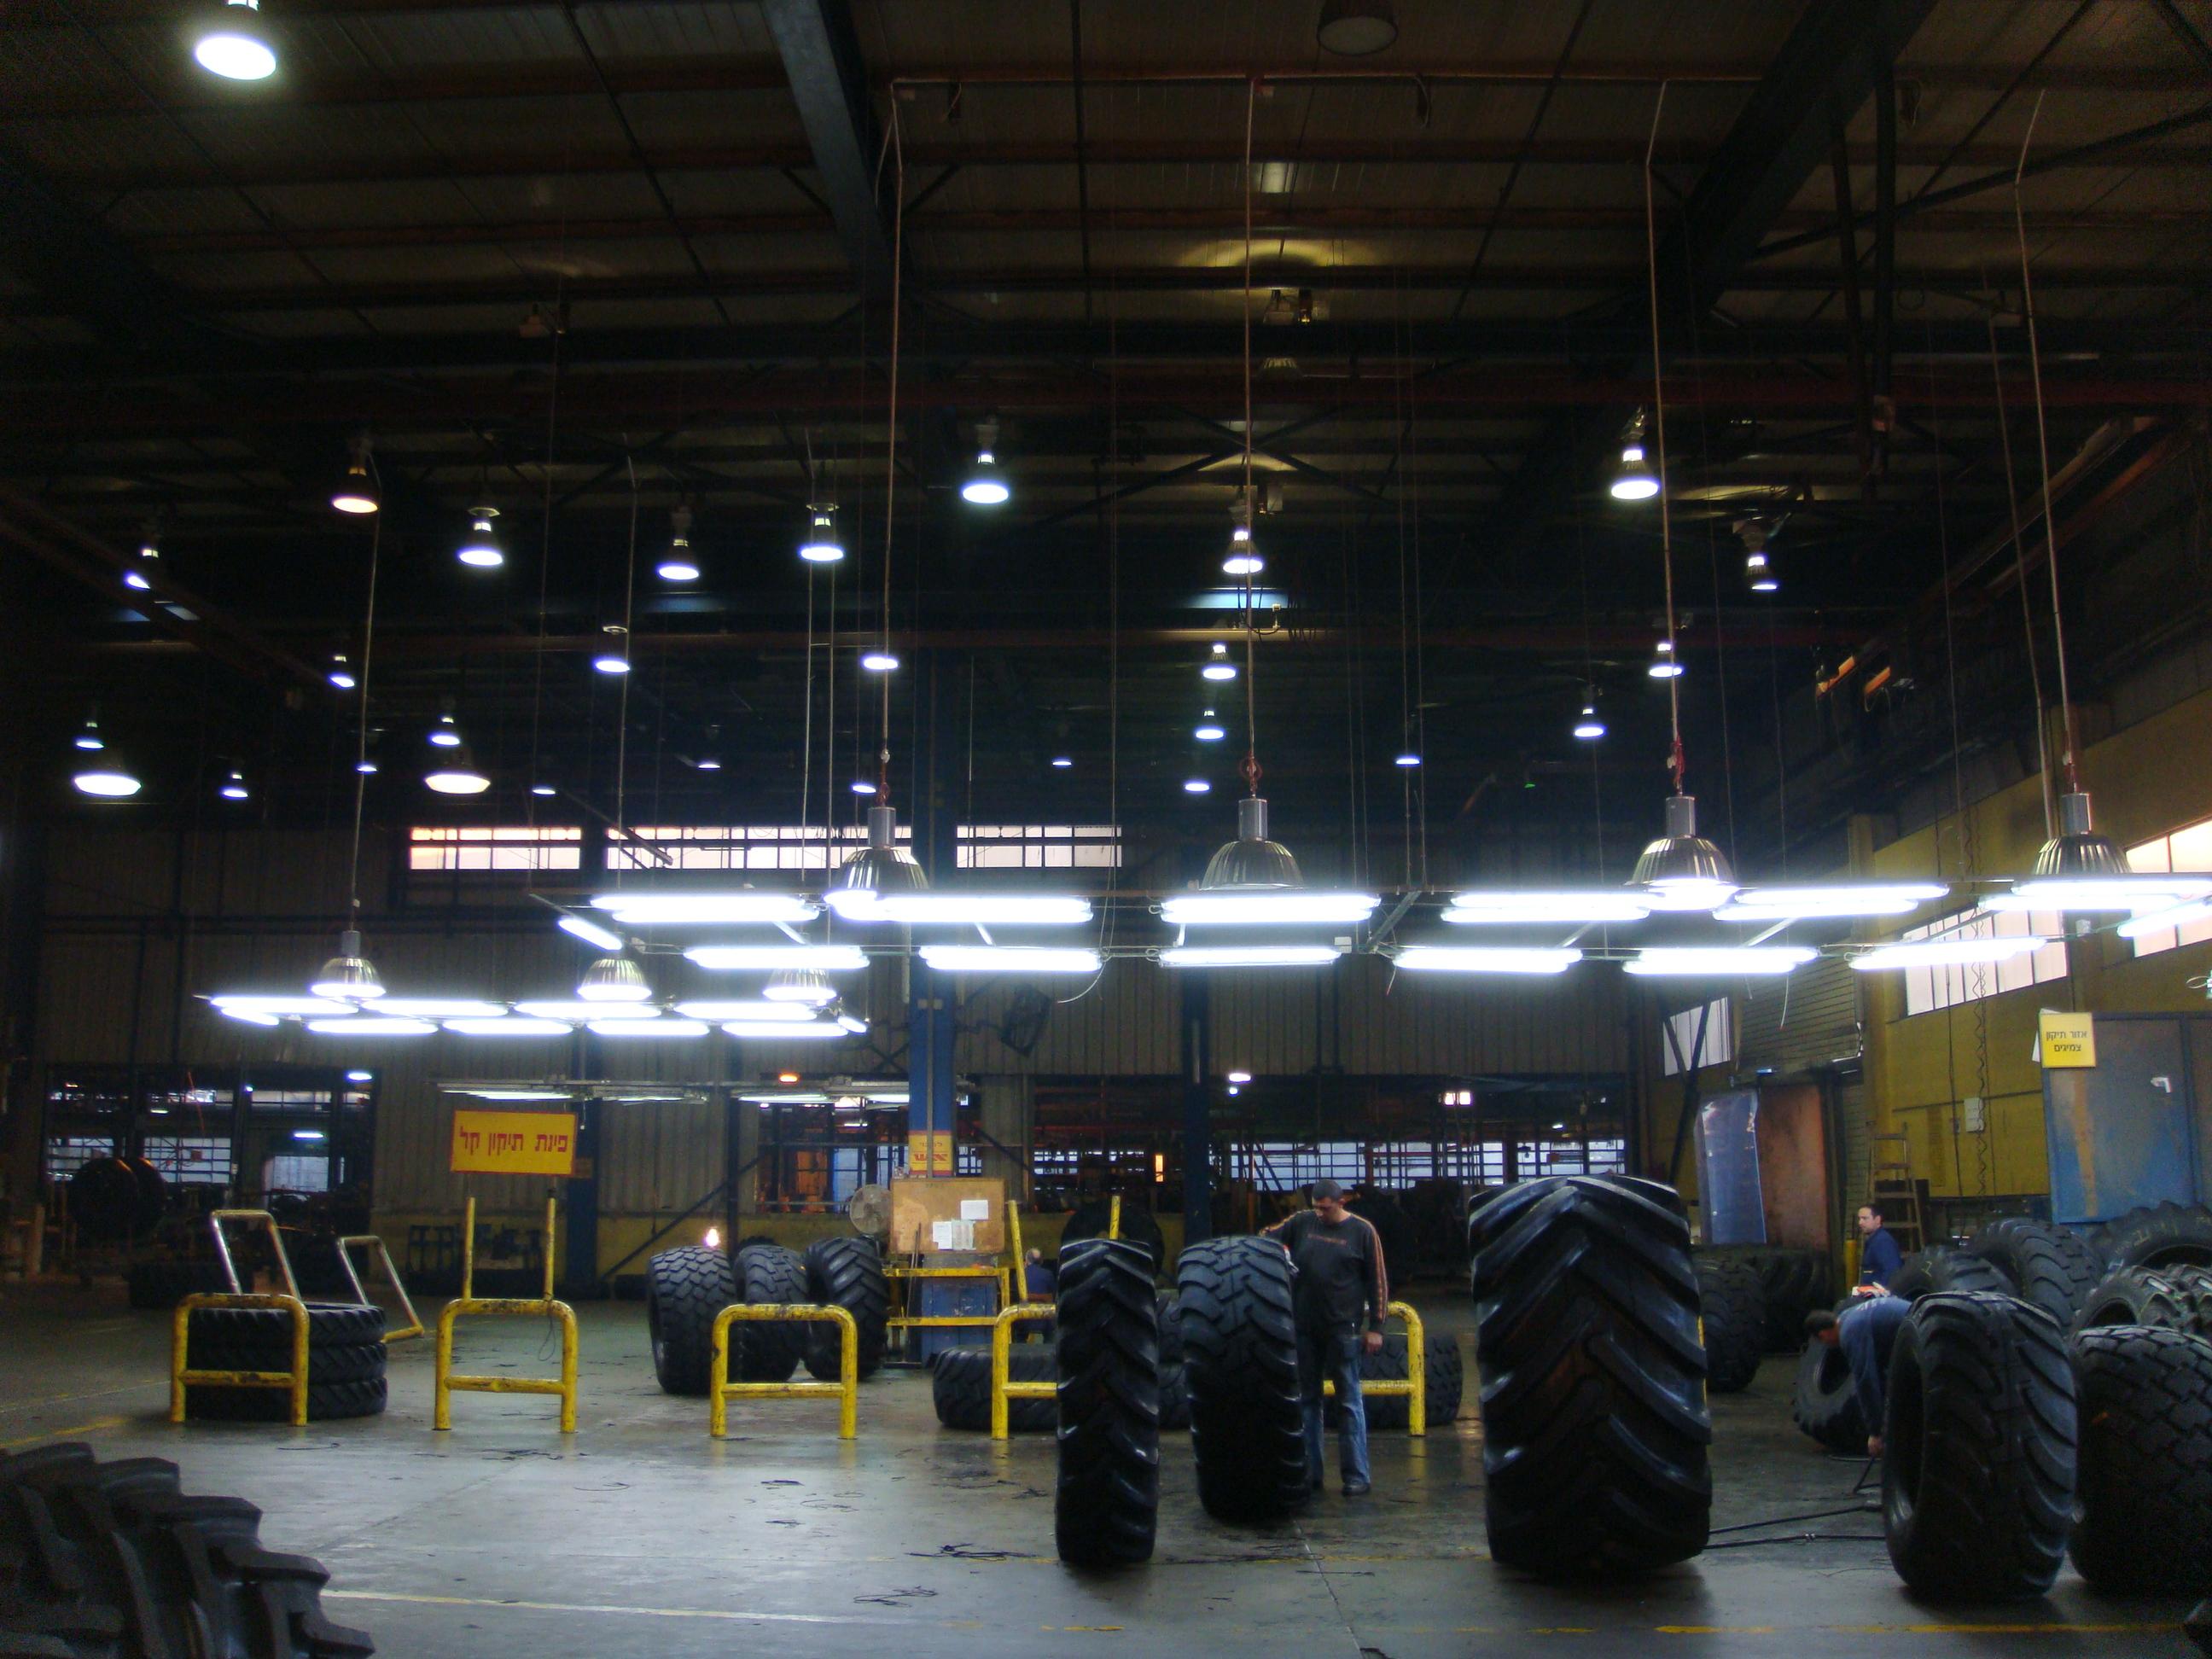 פרוייקט תאורה במפעל לייצור צמיגים